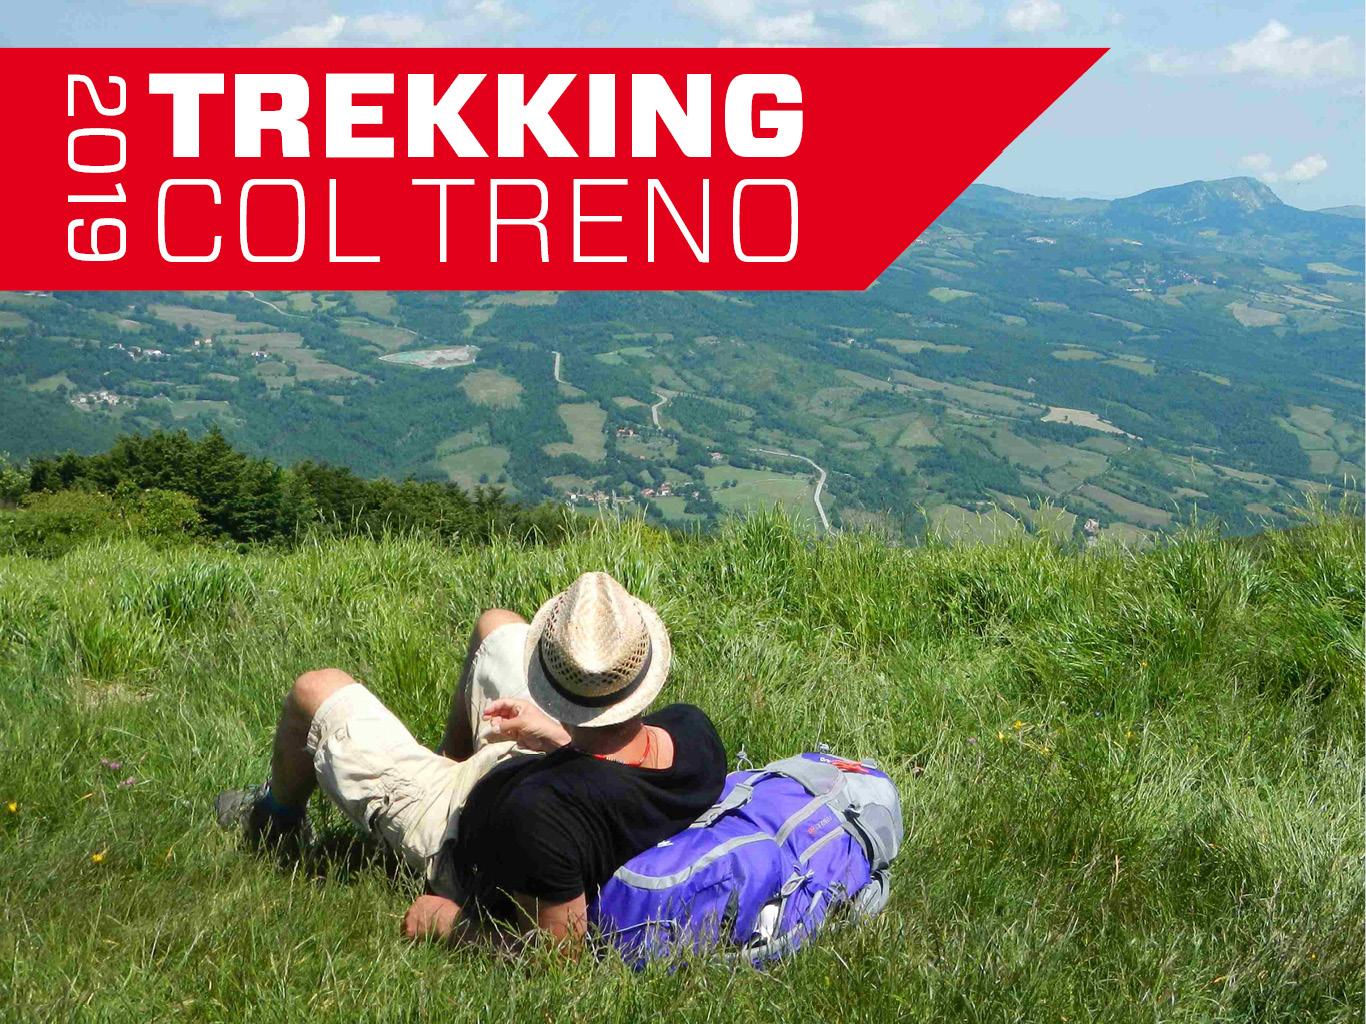 NEWS - Parte con successo Trekking col Treno. I prossimi appuntamenti